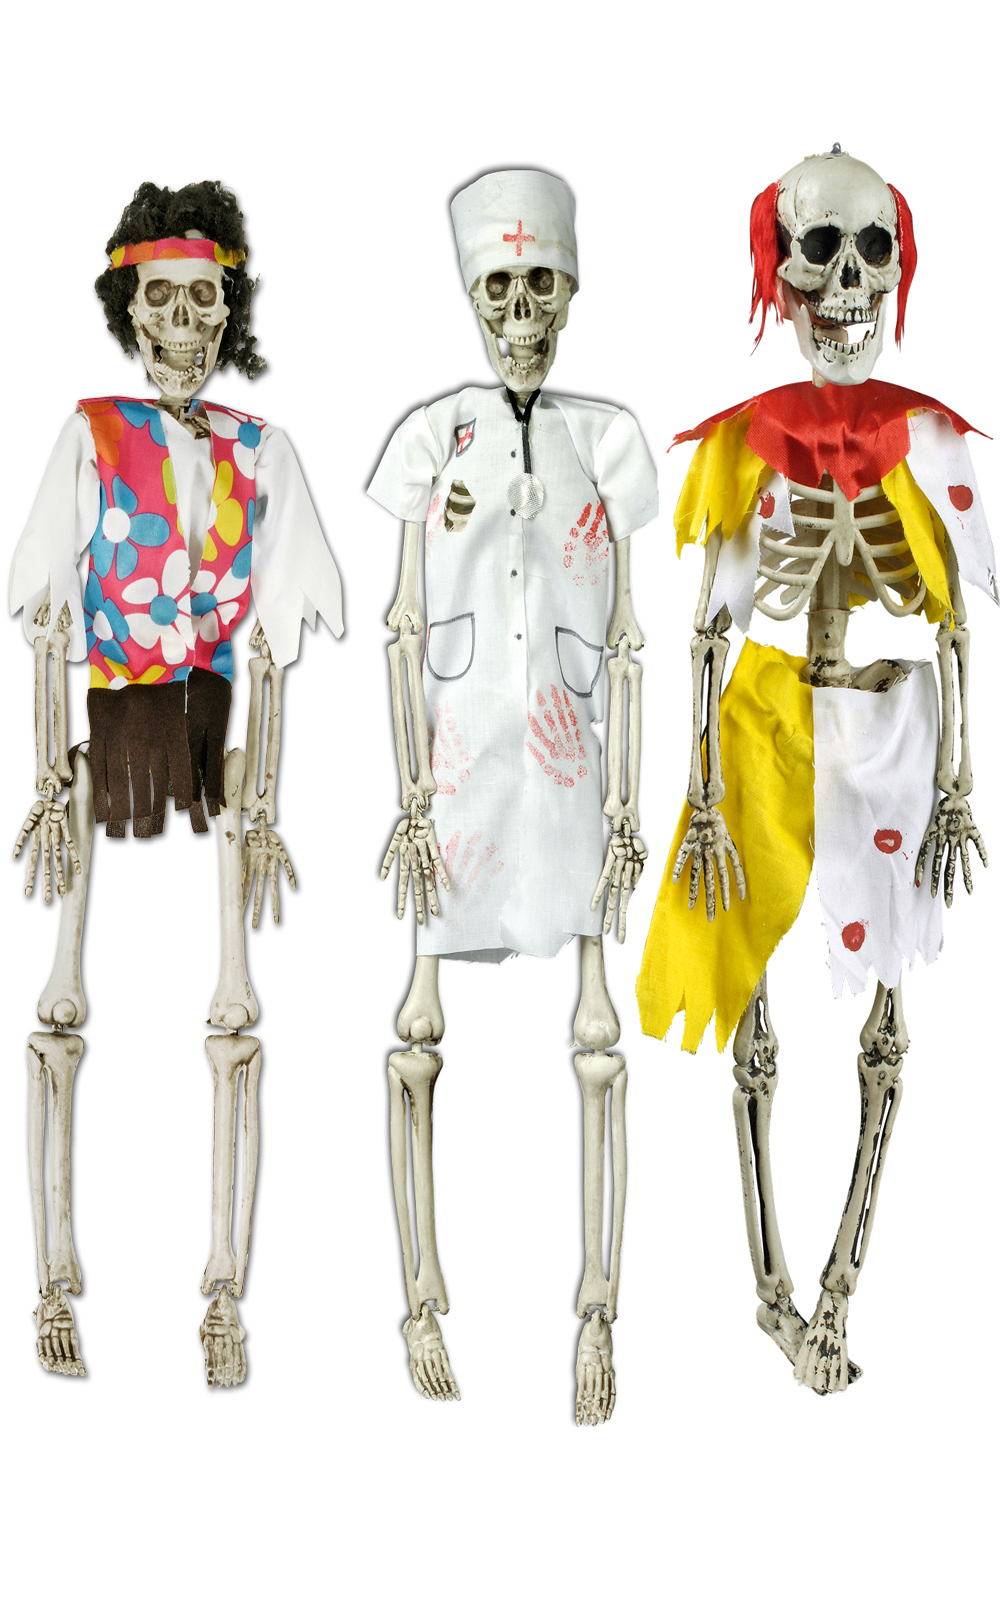 3 x Deko Skelett Figur Zombie CLOWN, CHIRURG, HIPPIE  beweglich Halloween